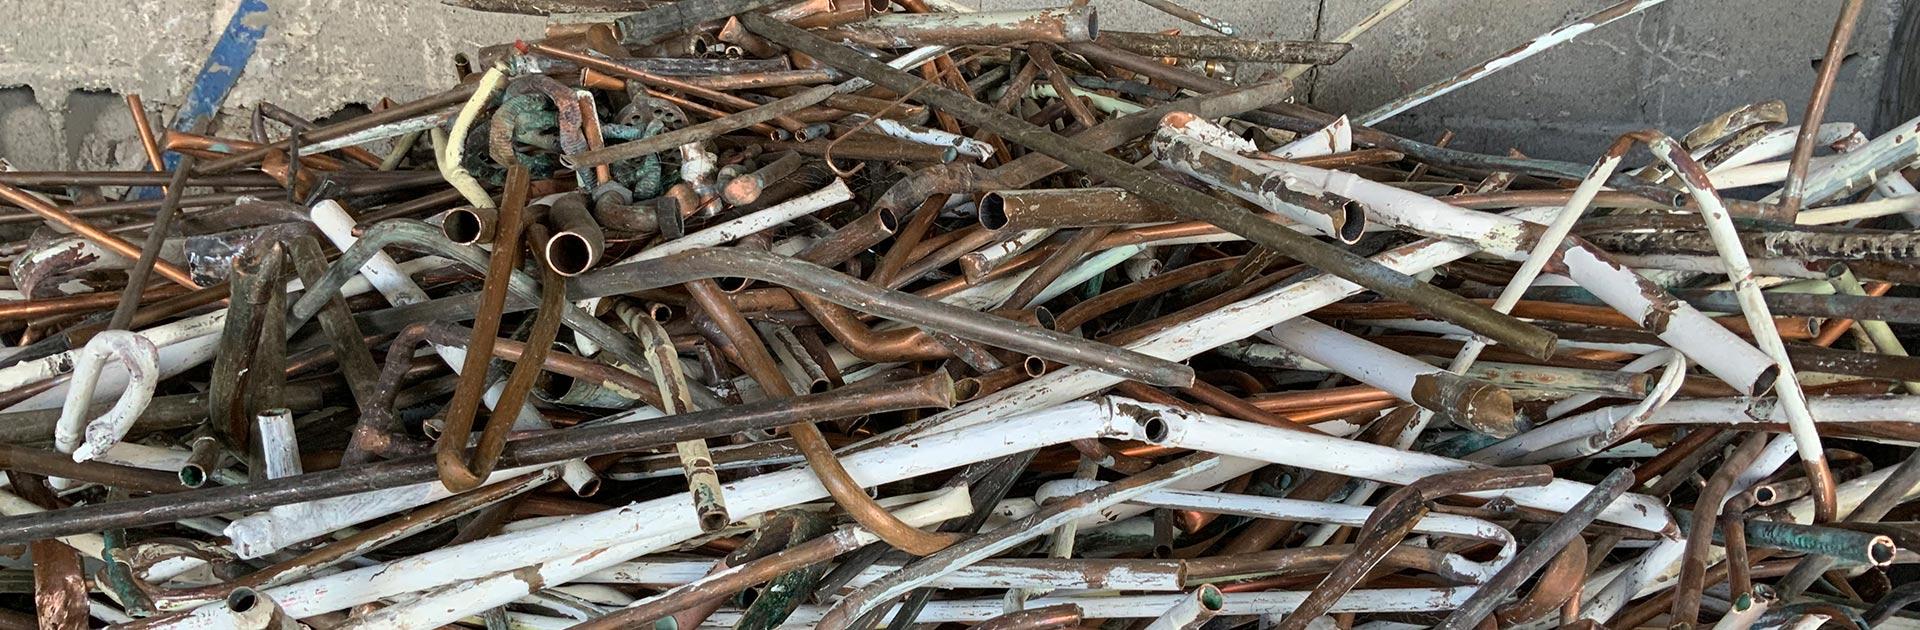 BFM Récupération métaux & Récyclage